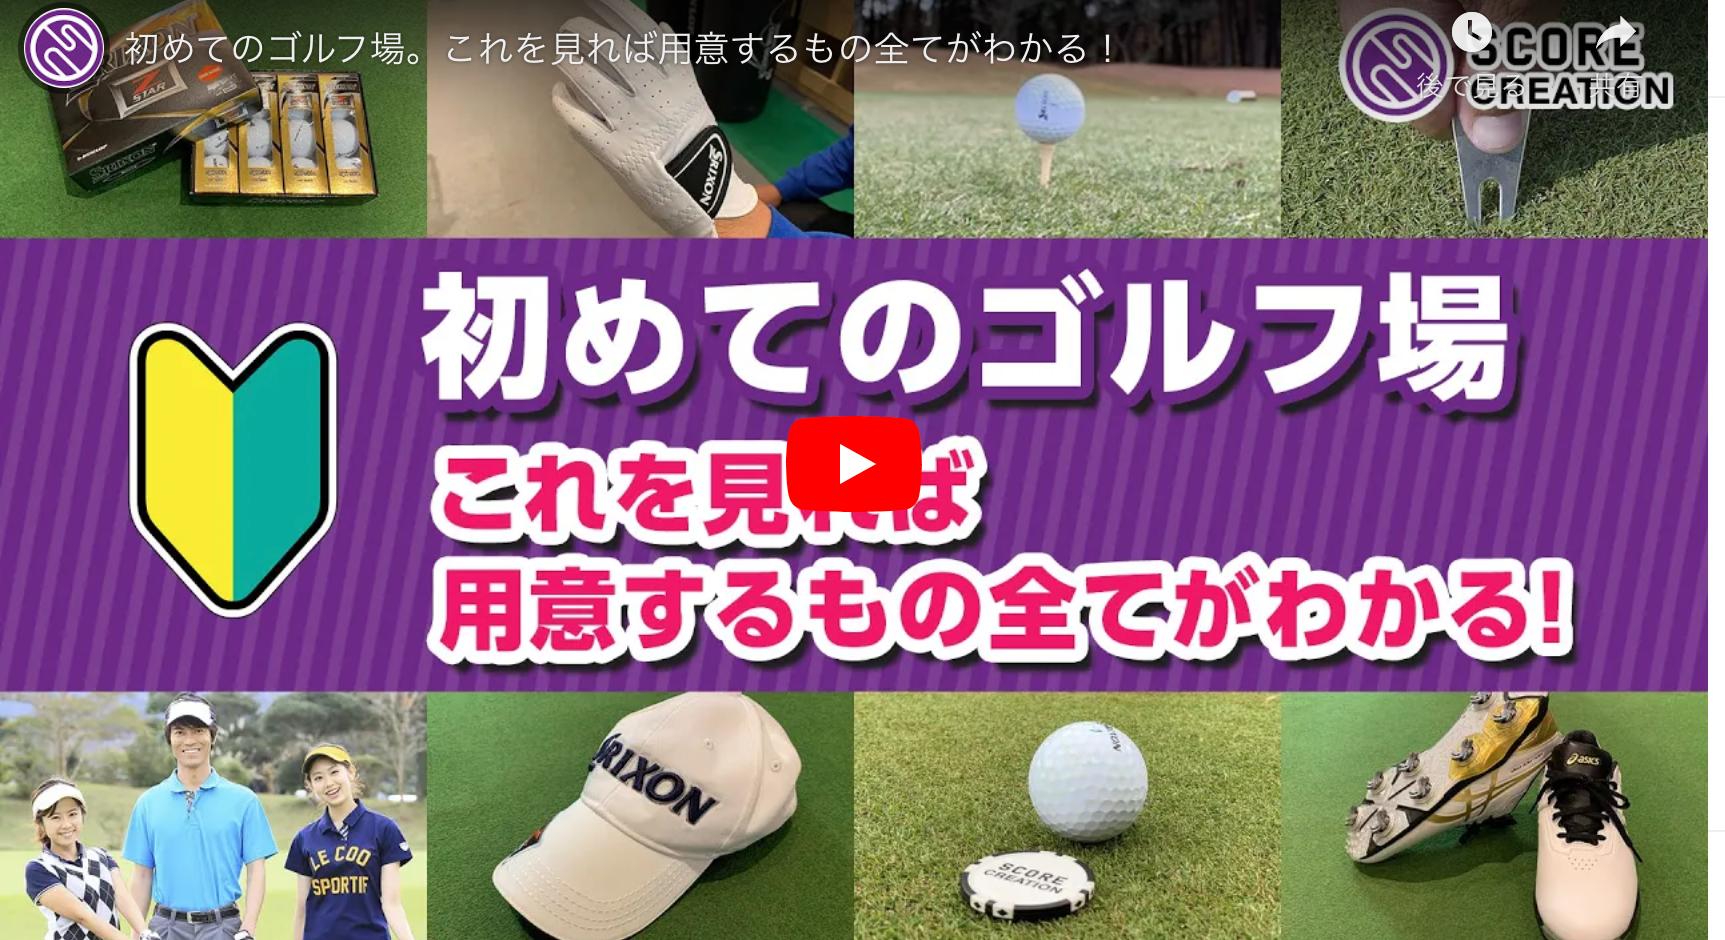 【YouTubeチャンネル】初めてのゴルフ場。これを見れば用意するもの全てがわかる!